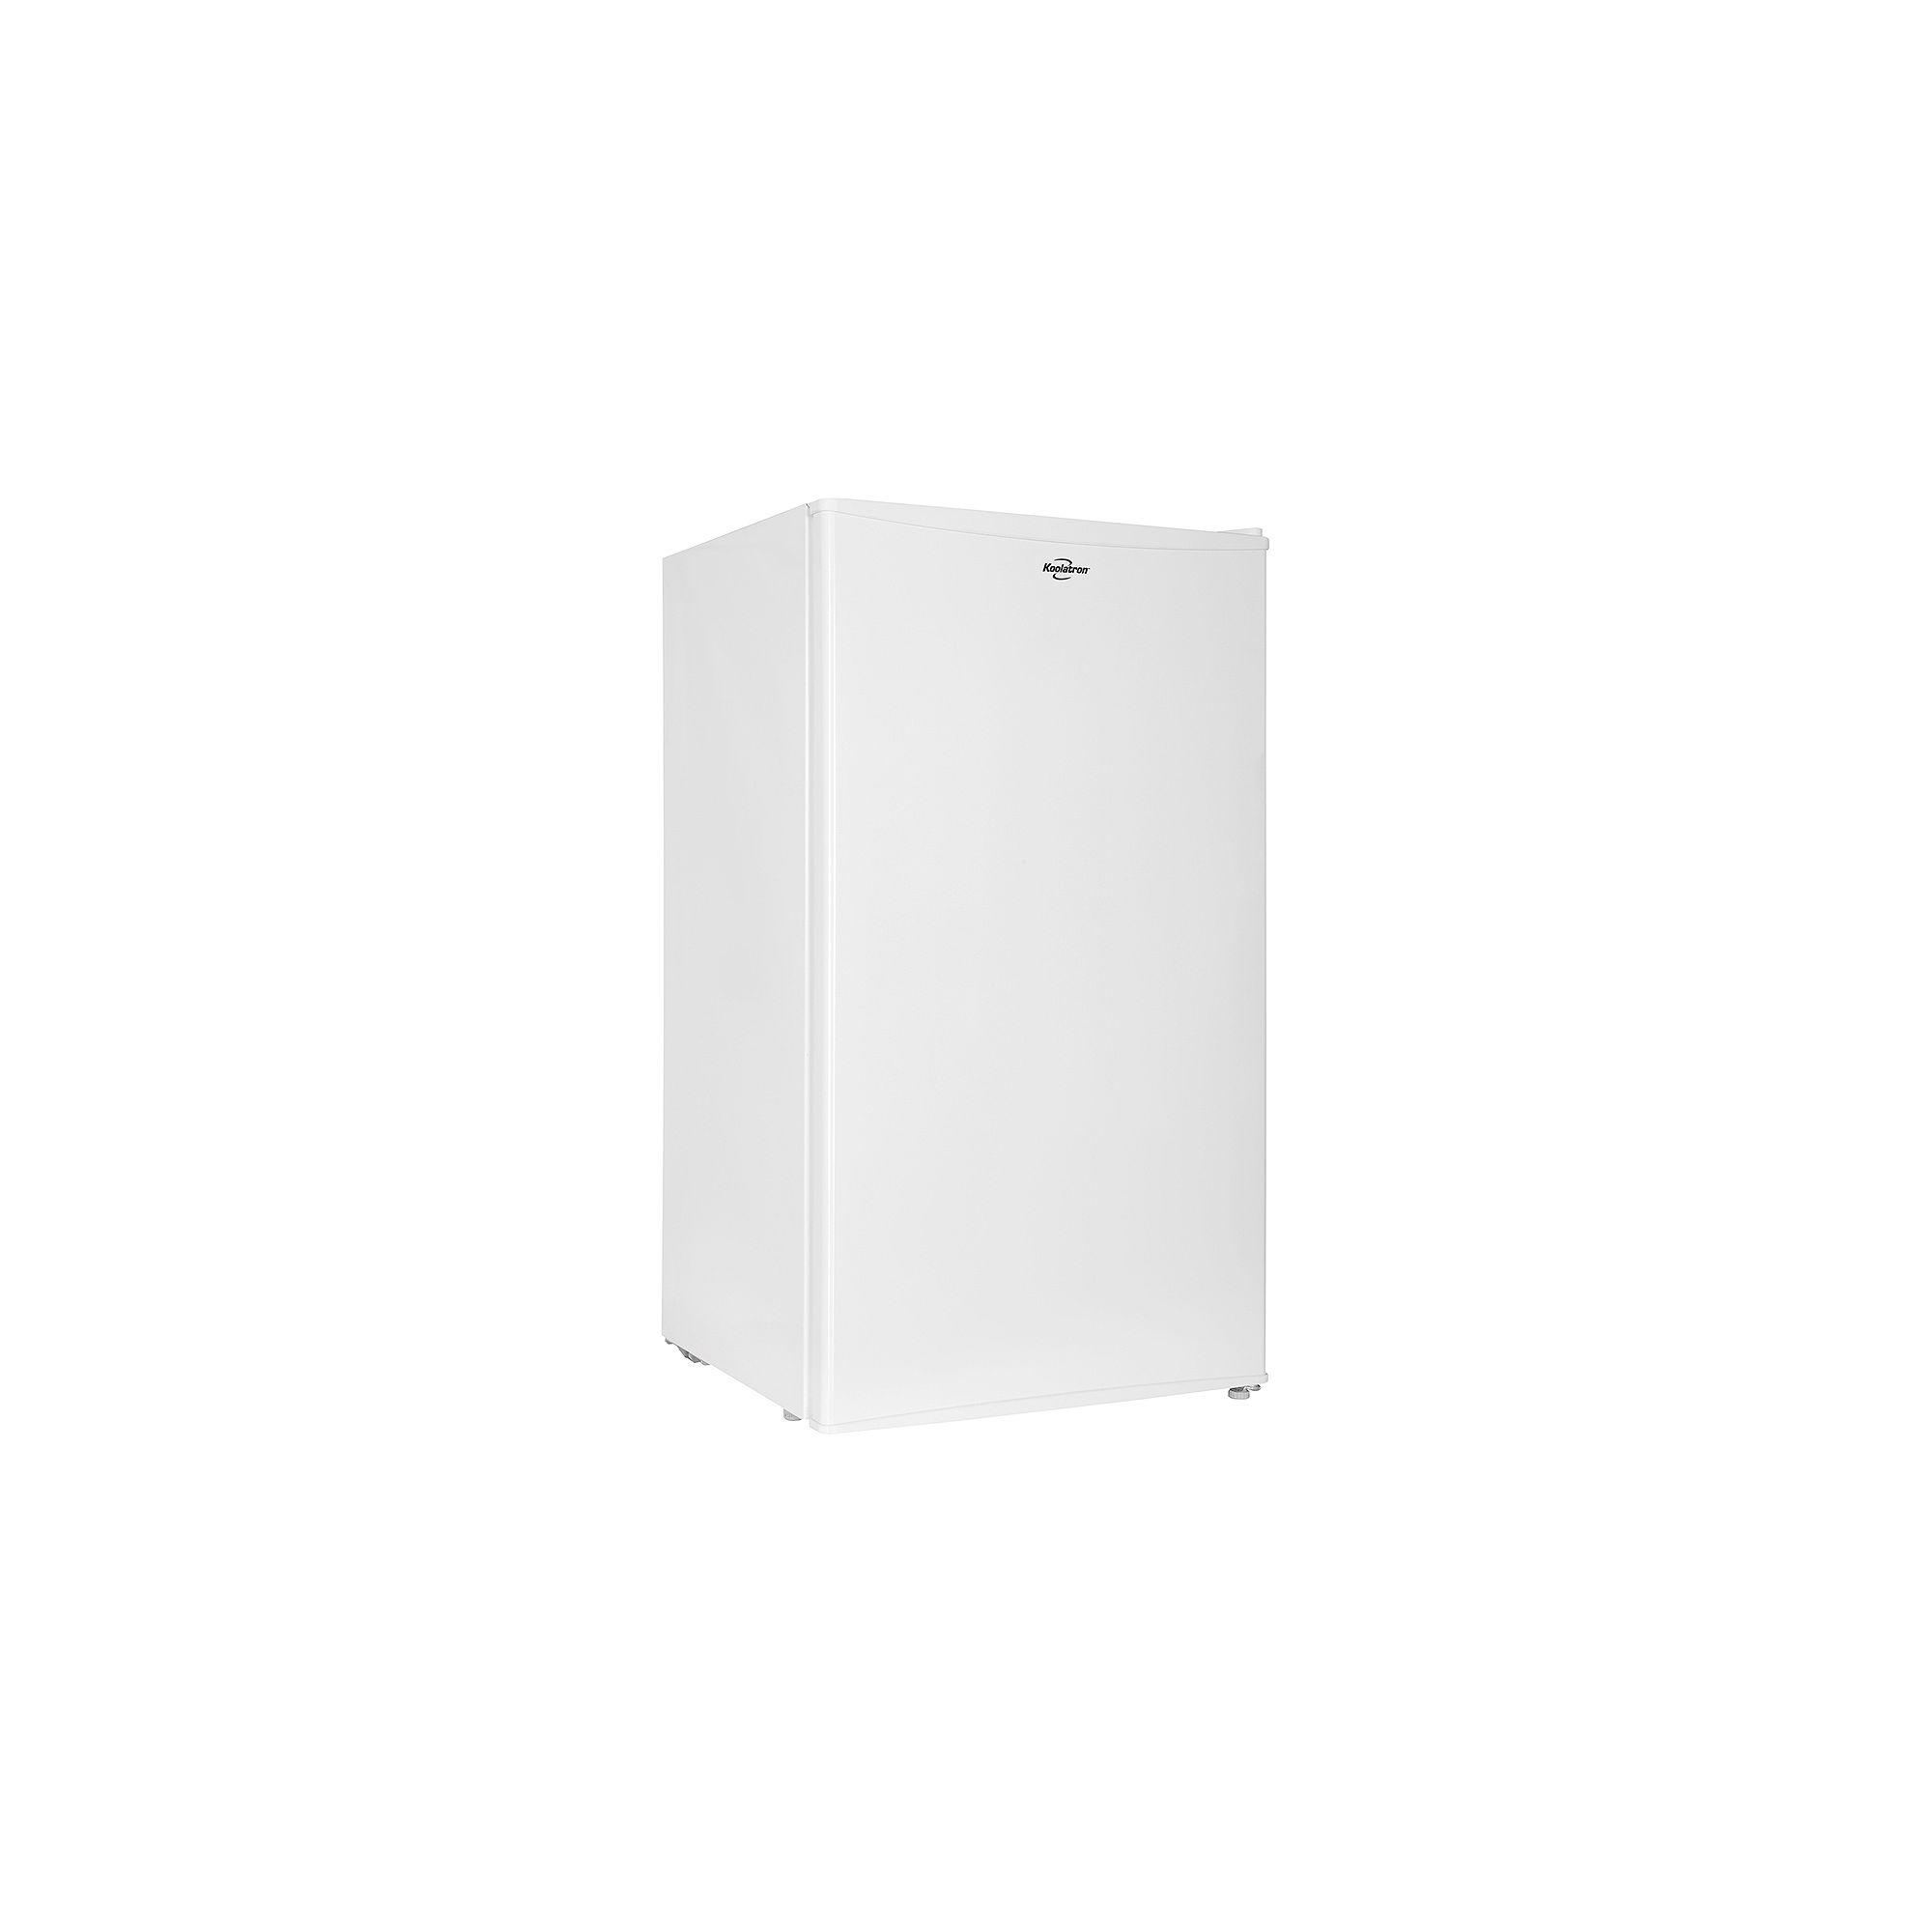 Koolatron Compressor Refrigerator 3.1 Cu Ft